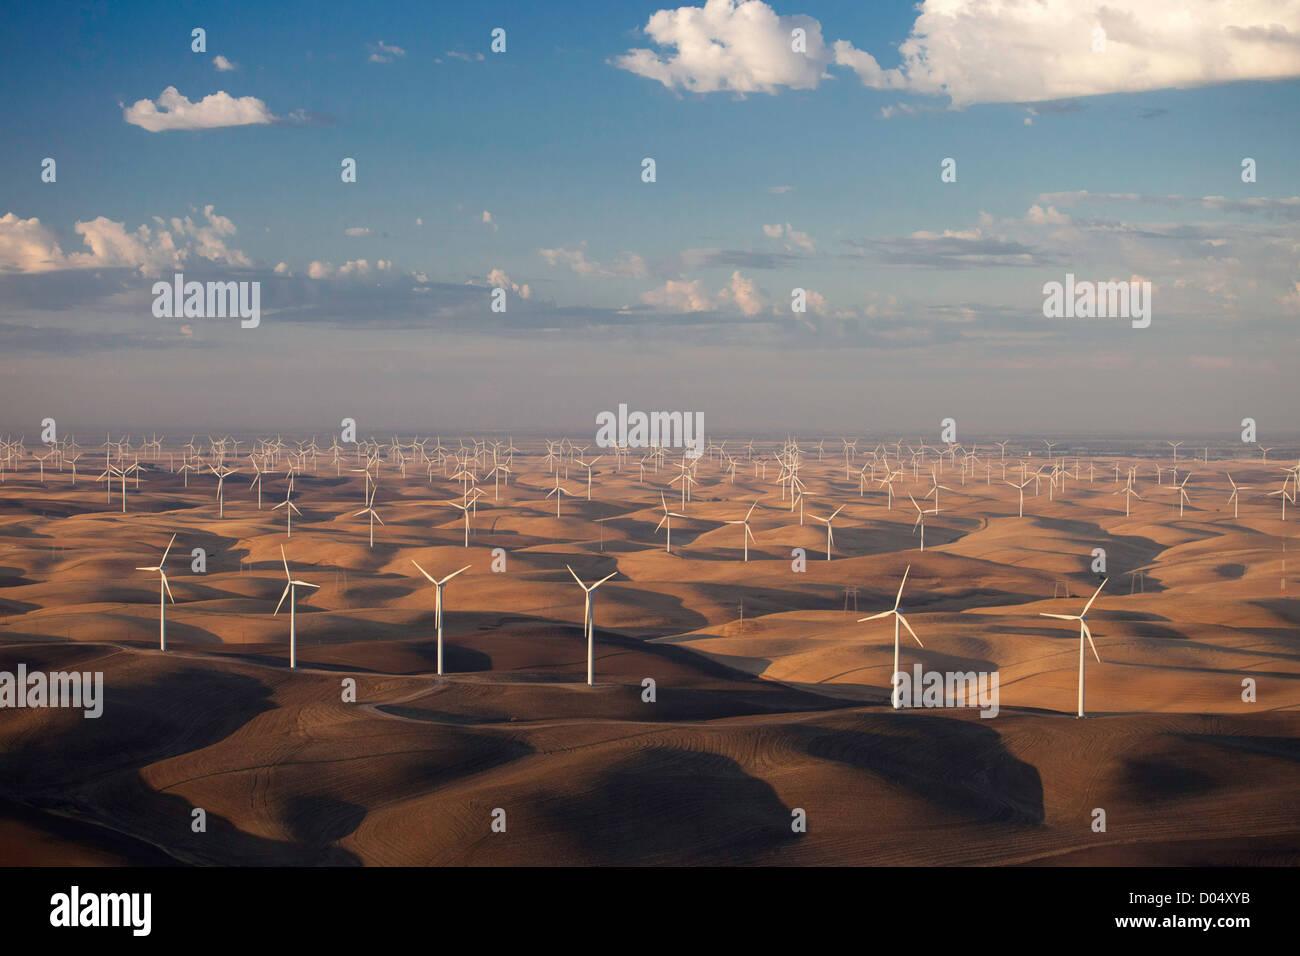 Luftaufnahme von Windkraftanlagen in Montezuma Hills des Sacramento River Delta, Nord-Kalifornien. Stockbild